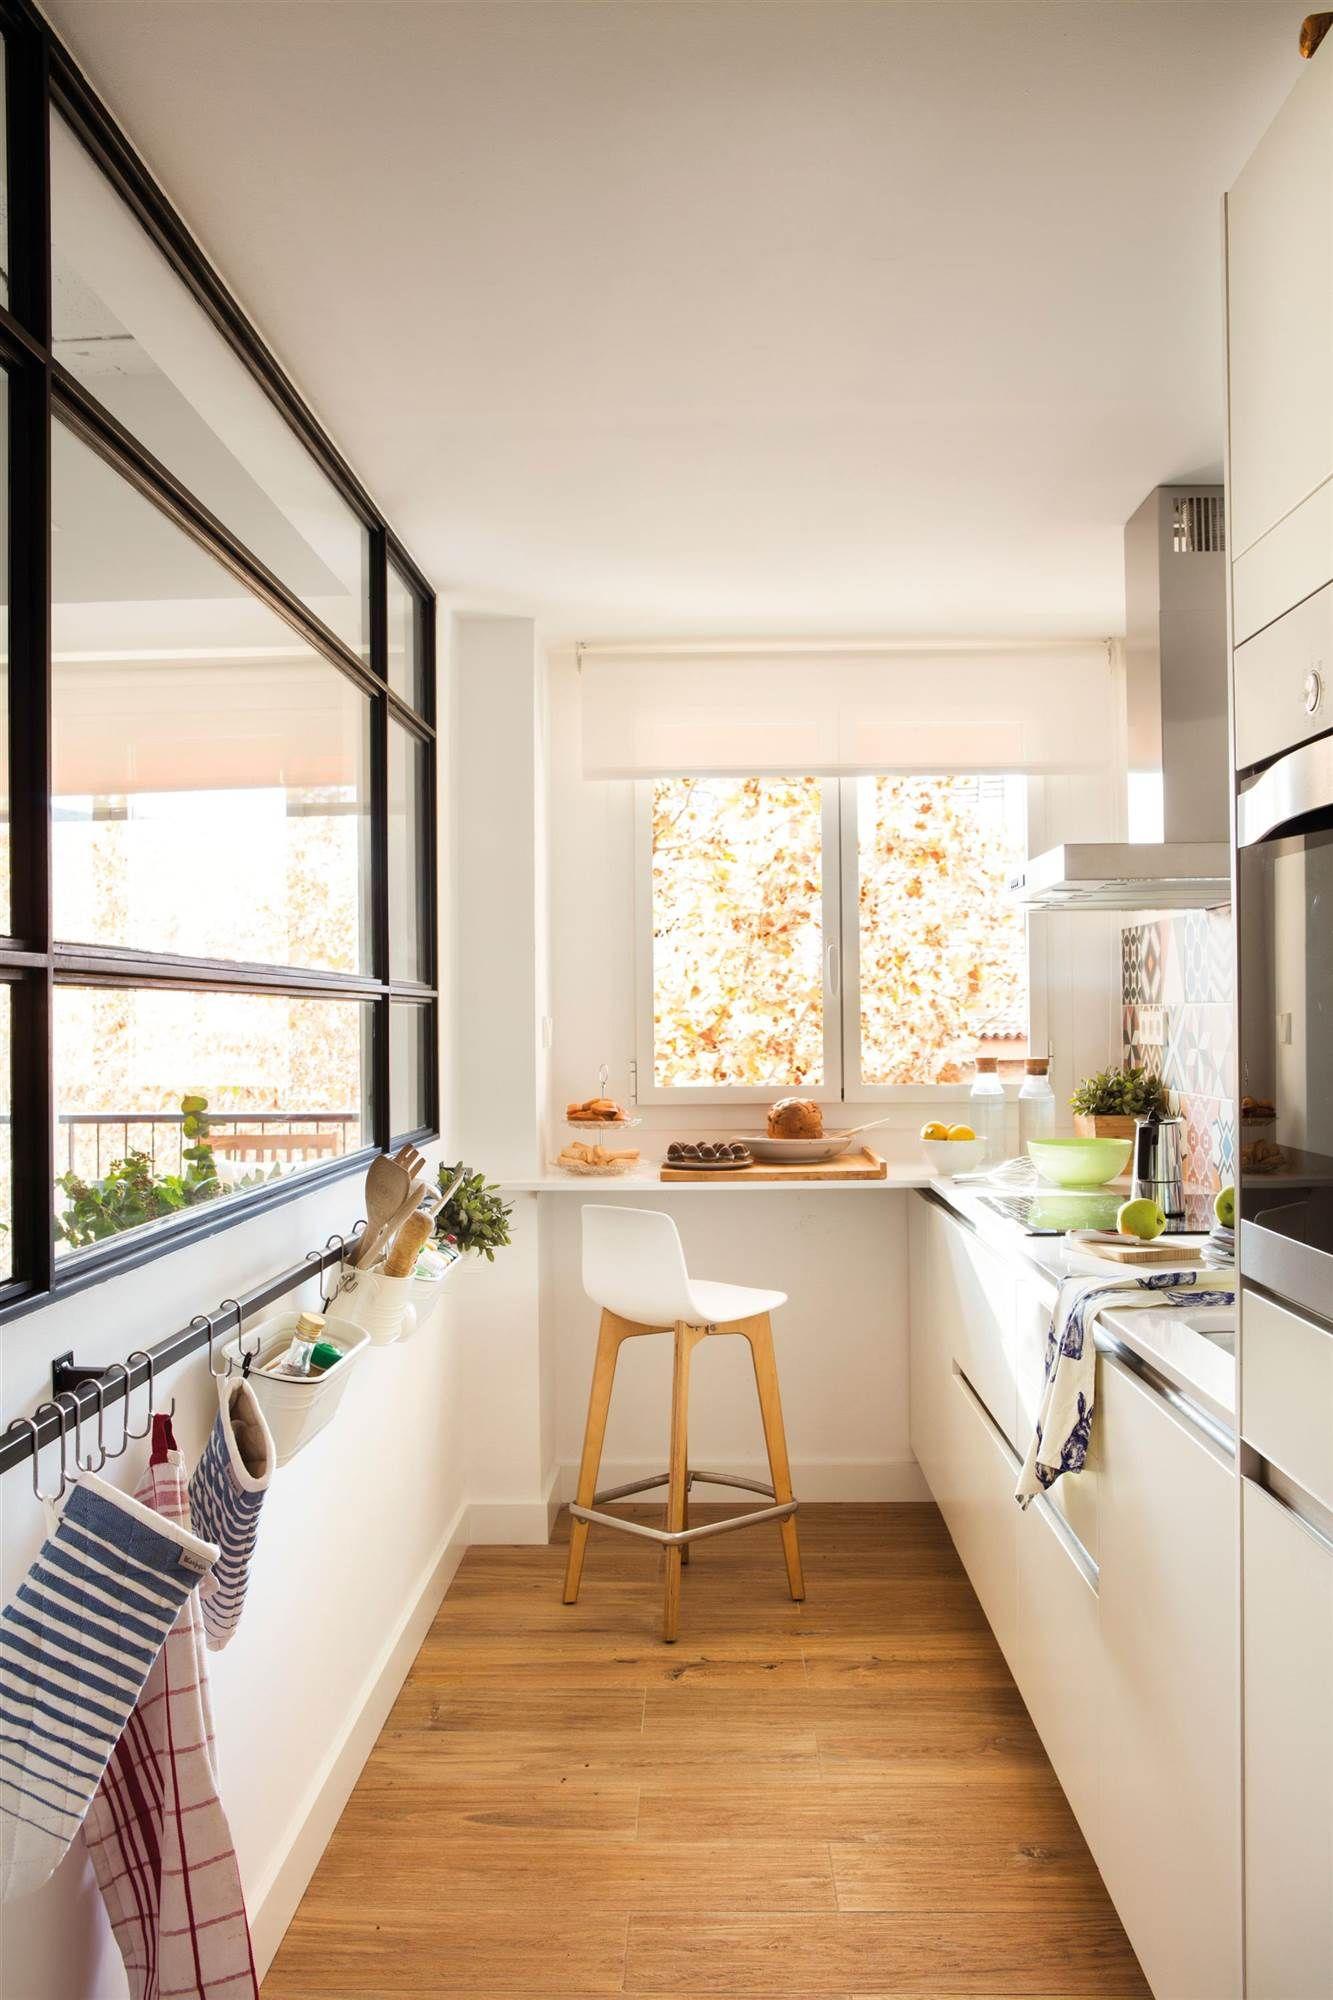 Cocina semiabierta con tabique de cristal 00442995 for Decorar piso de 60 metros cuadrados